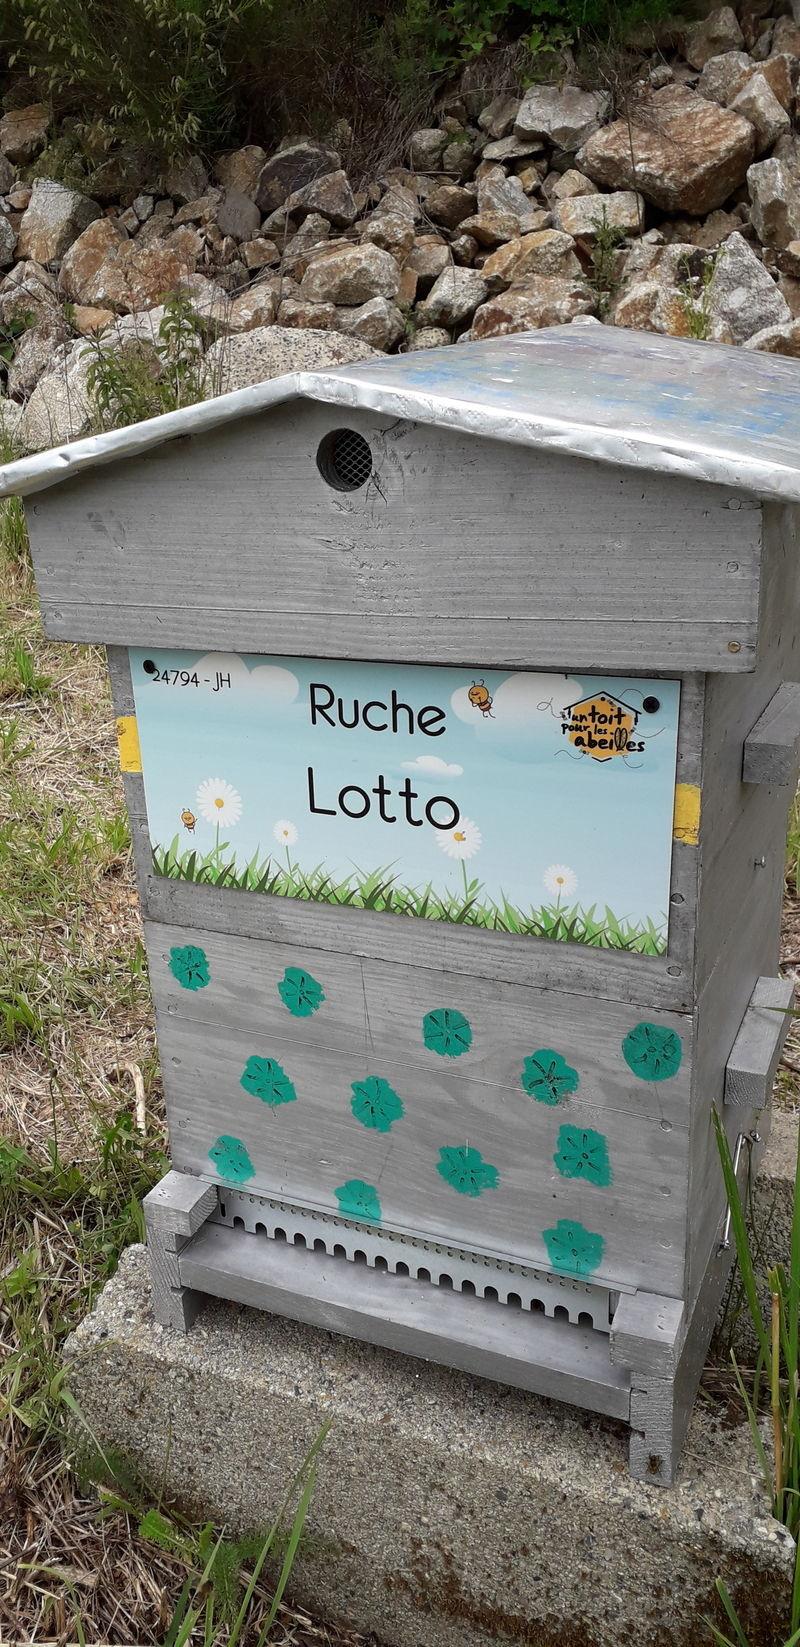 La ruche Lotto